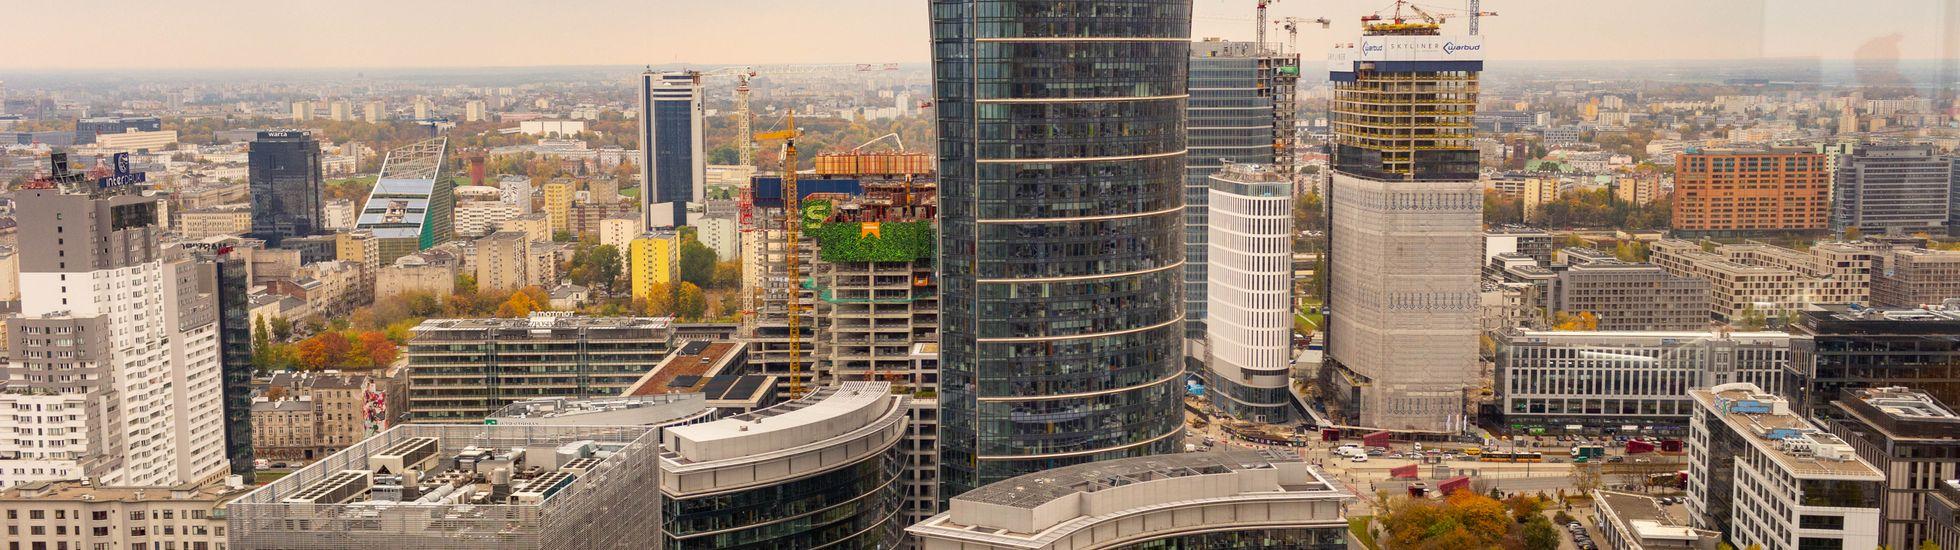 Warszawa: Bellona Tower. Tuż obok Warsaw Spire stanie kolejny wieżowiec